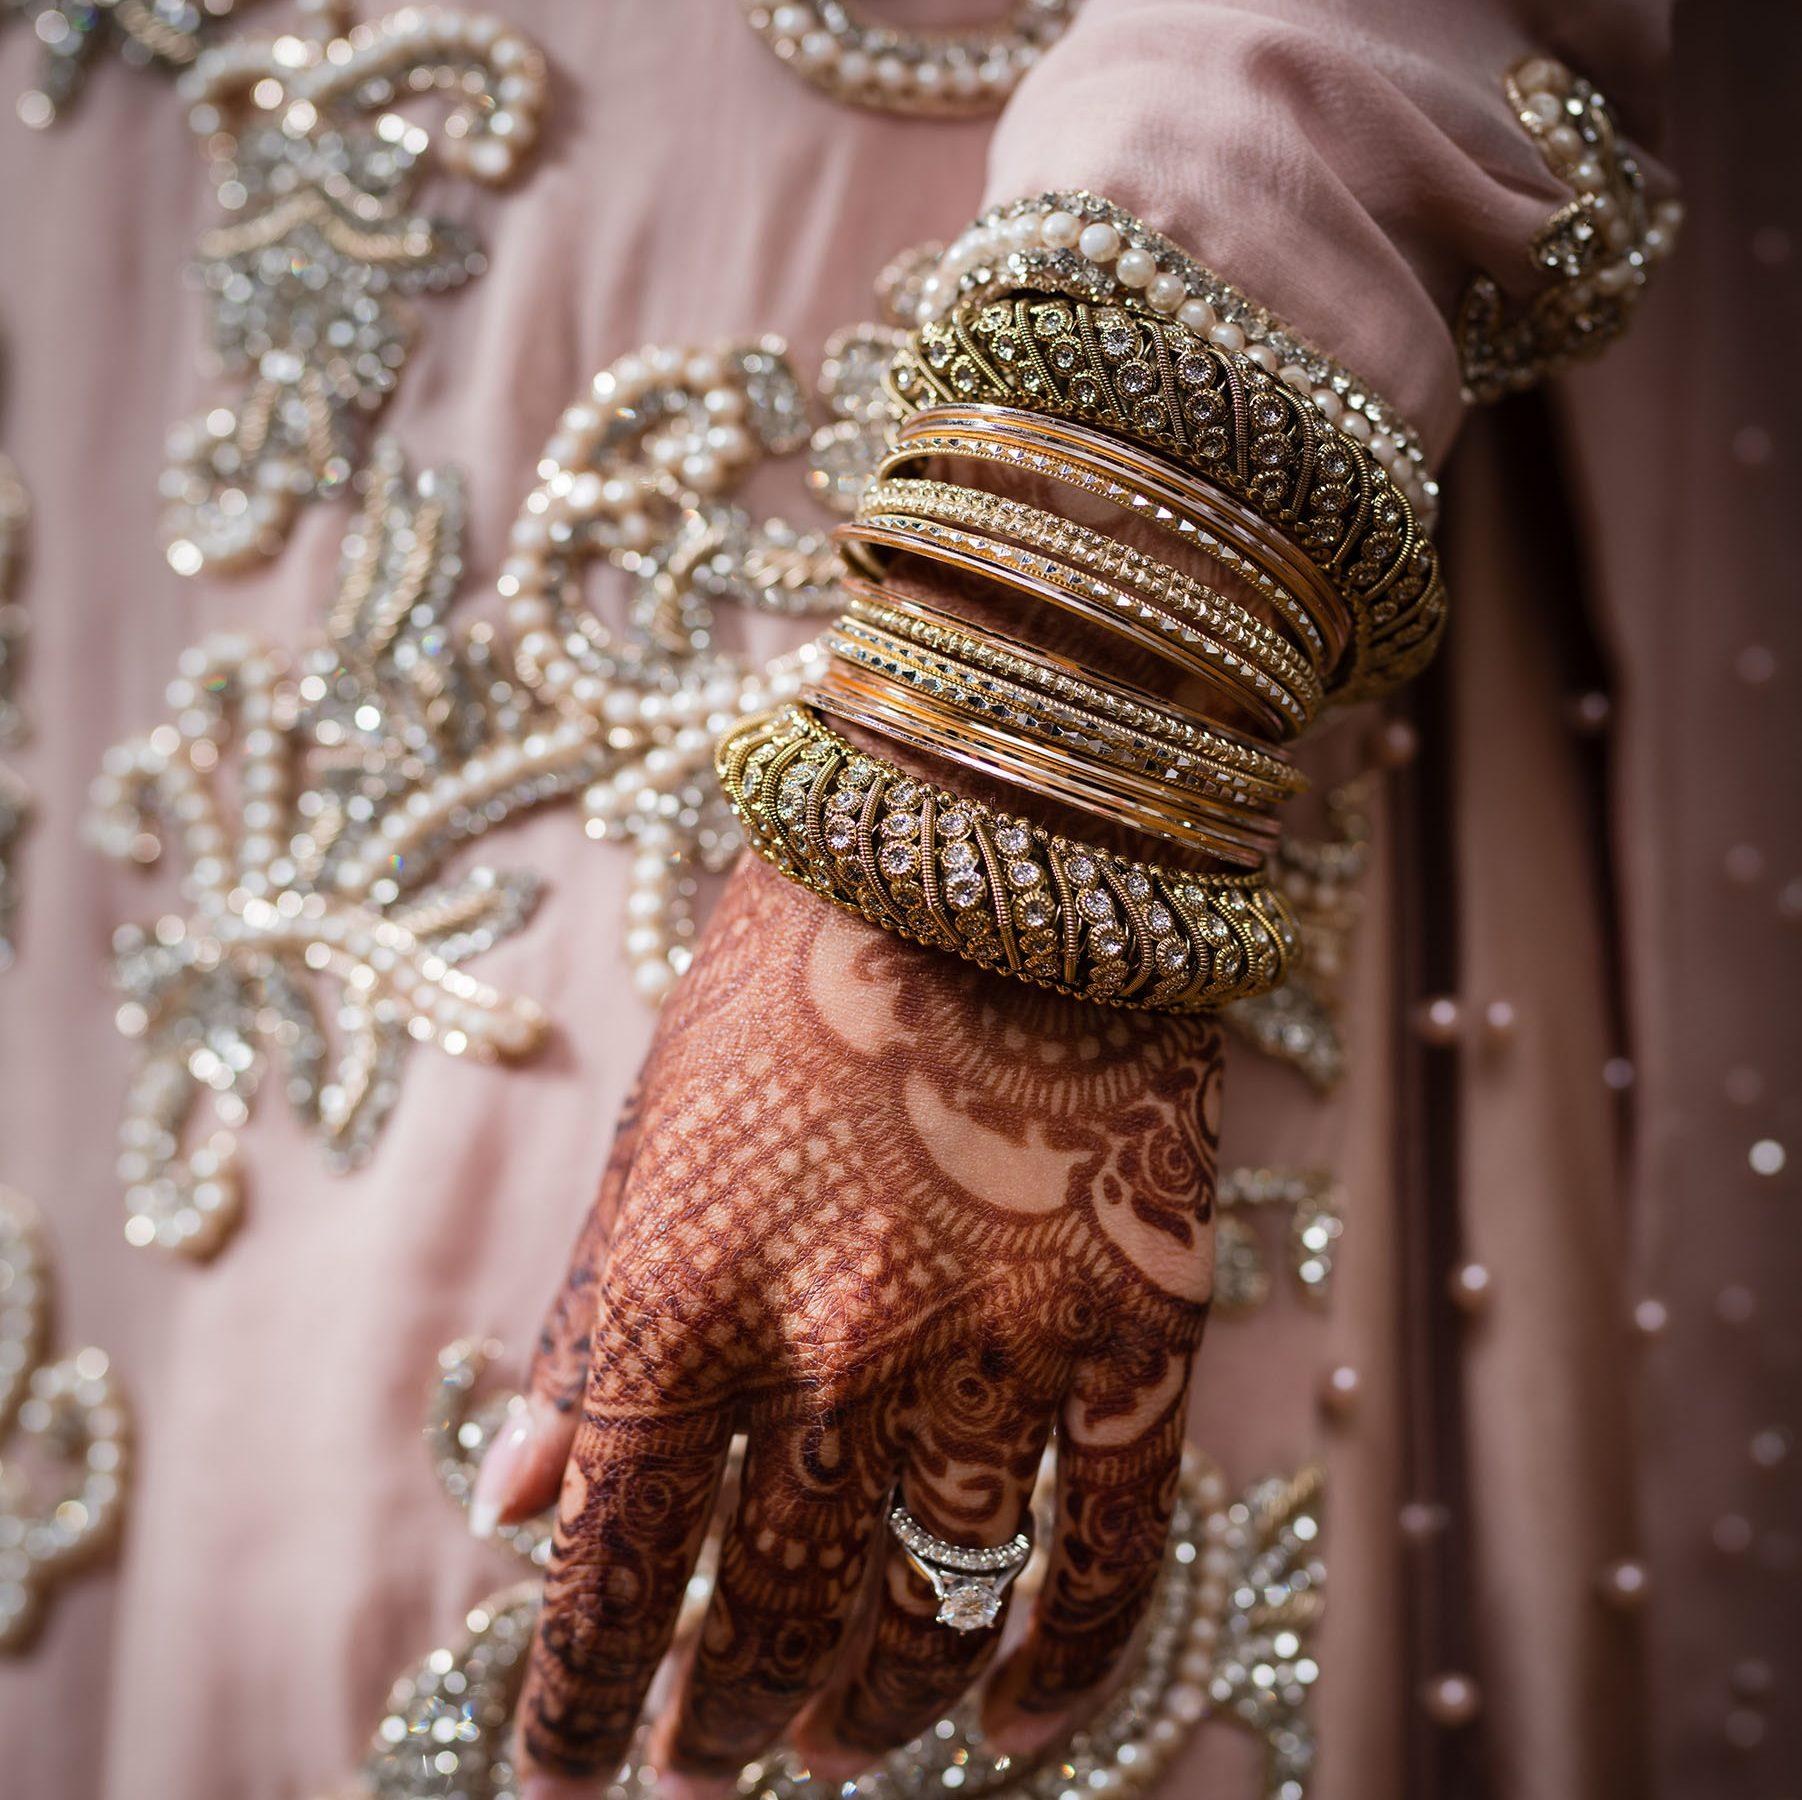 Indian-Wedding-Photographer-in-Hicksville-1802x1800 Details